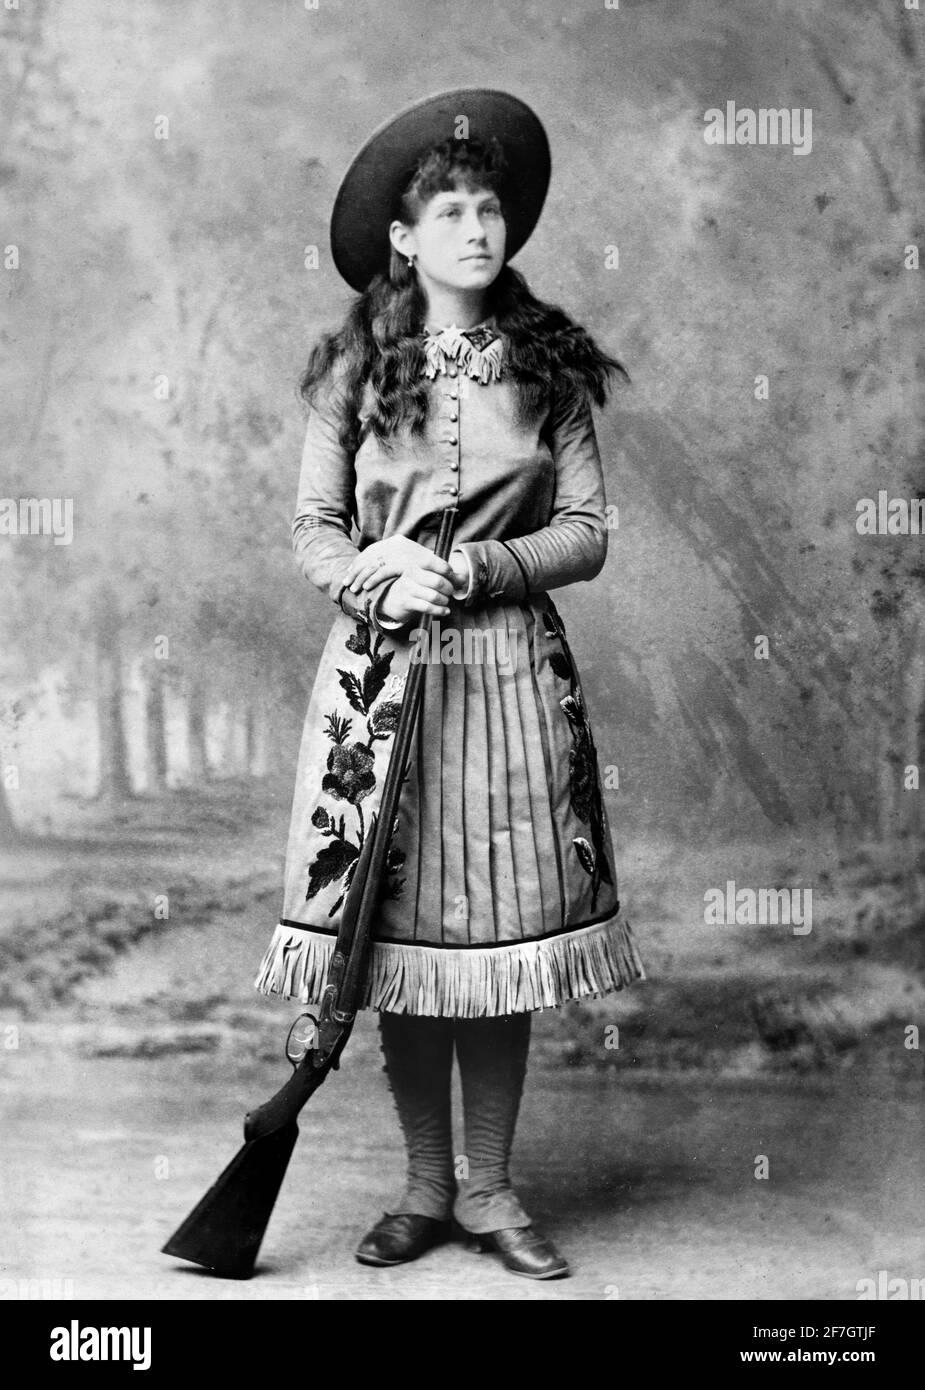 Annie Oakley. Portrait du célèbre sharpshooter américain, Annie Oakley (n. Phoebe Ann Mosey, 1860-1926) . Photo de John Wood, c. 1885 Banque D'Images